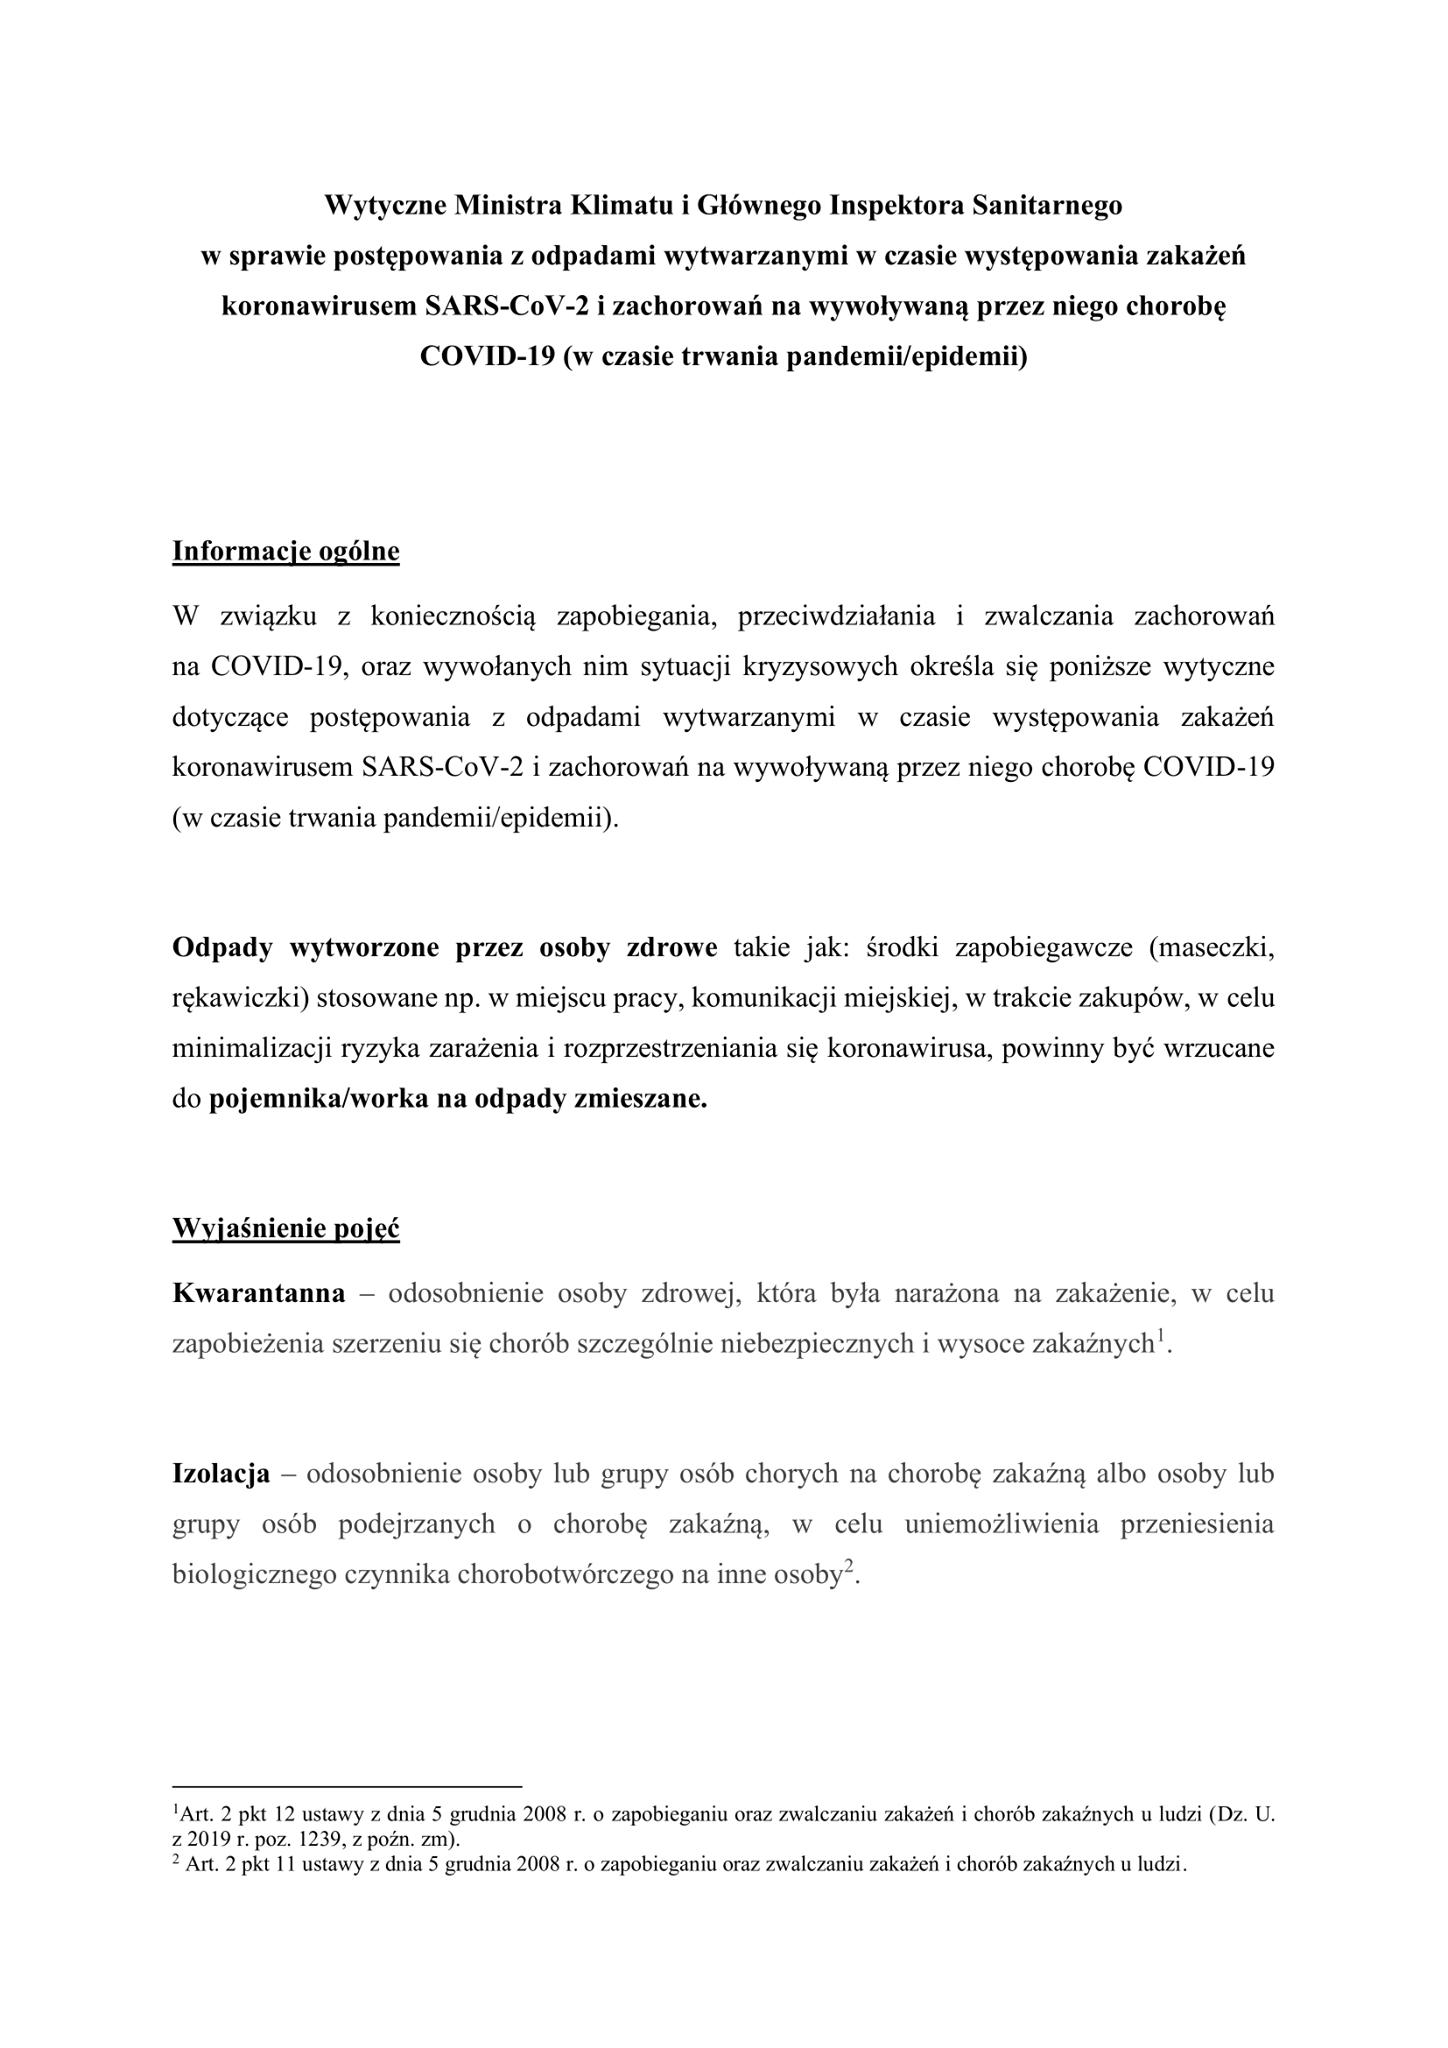 Wytyczne Ministra Klimatu i Głównego Inspektora Sanitarnego  w sprawie postępowa...